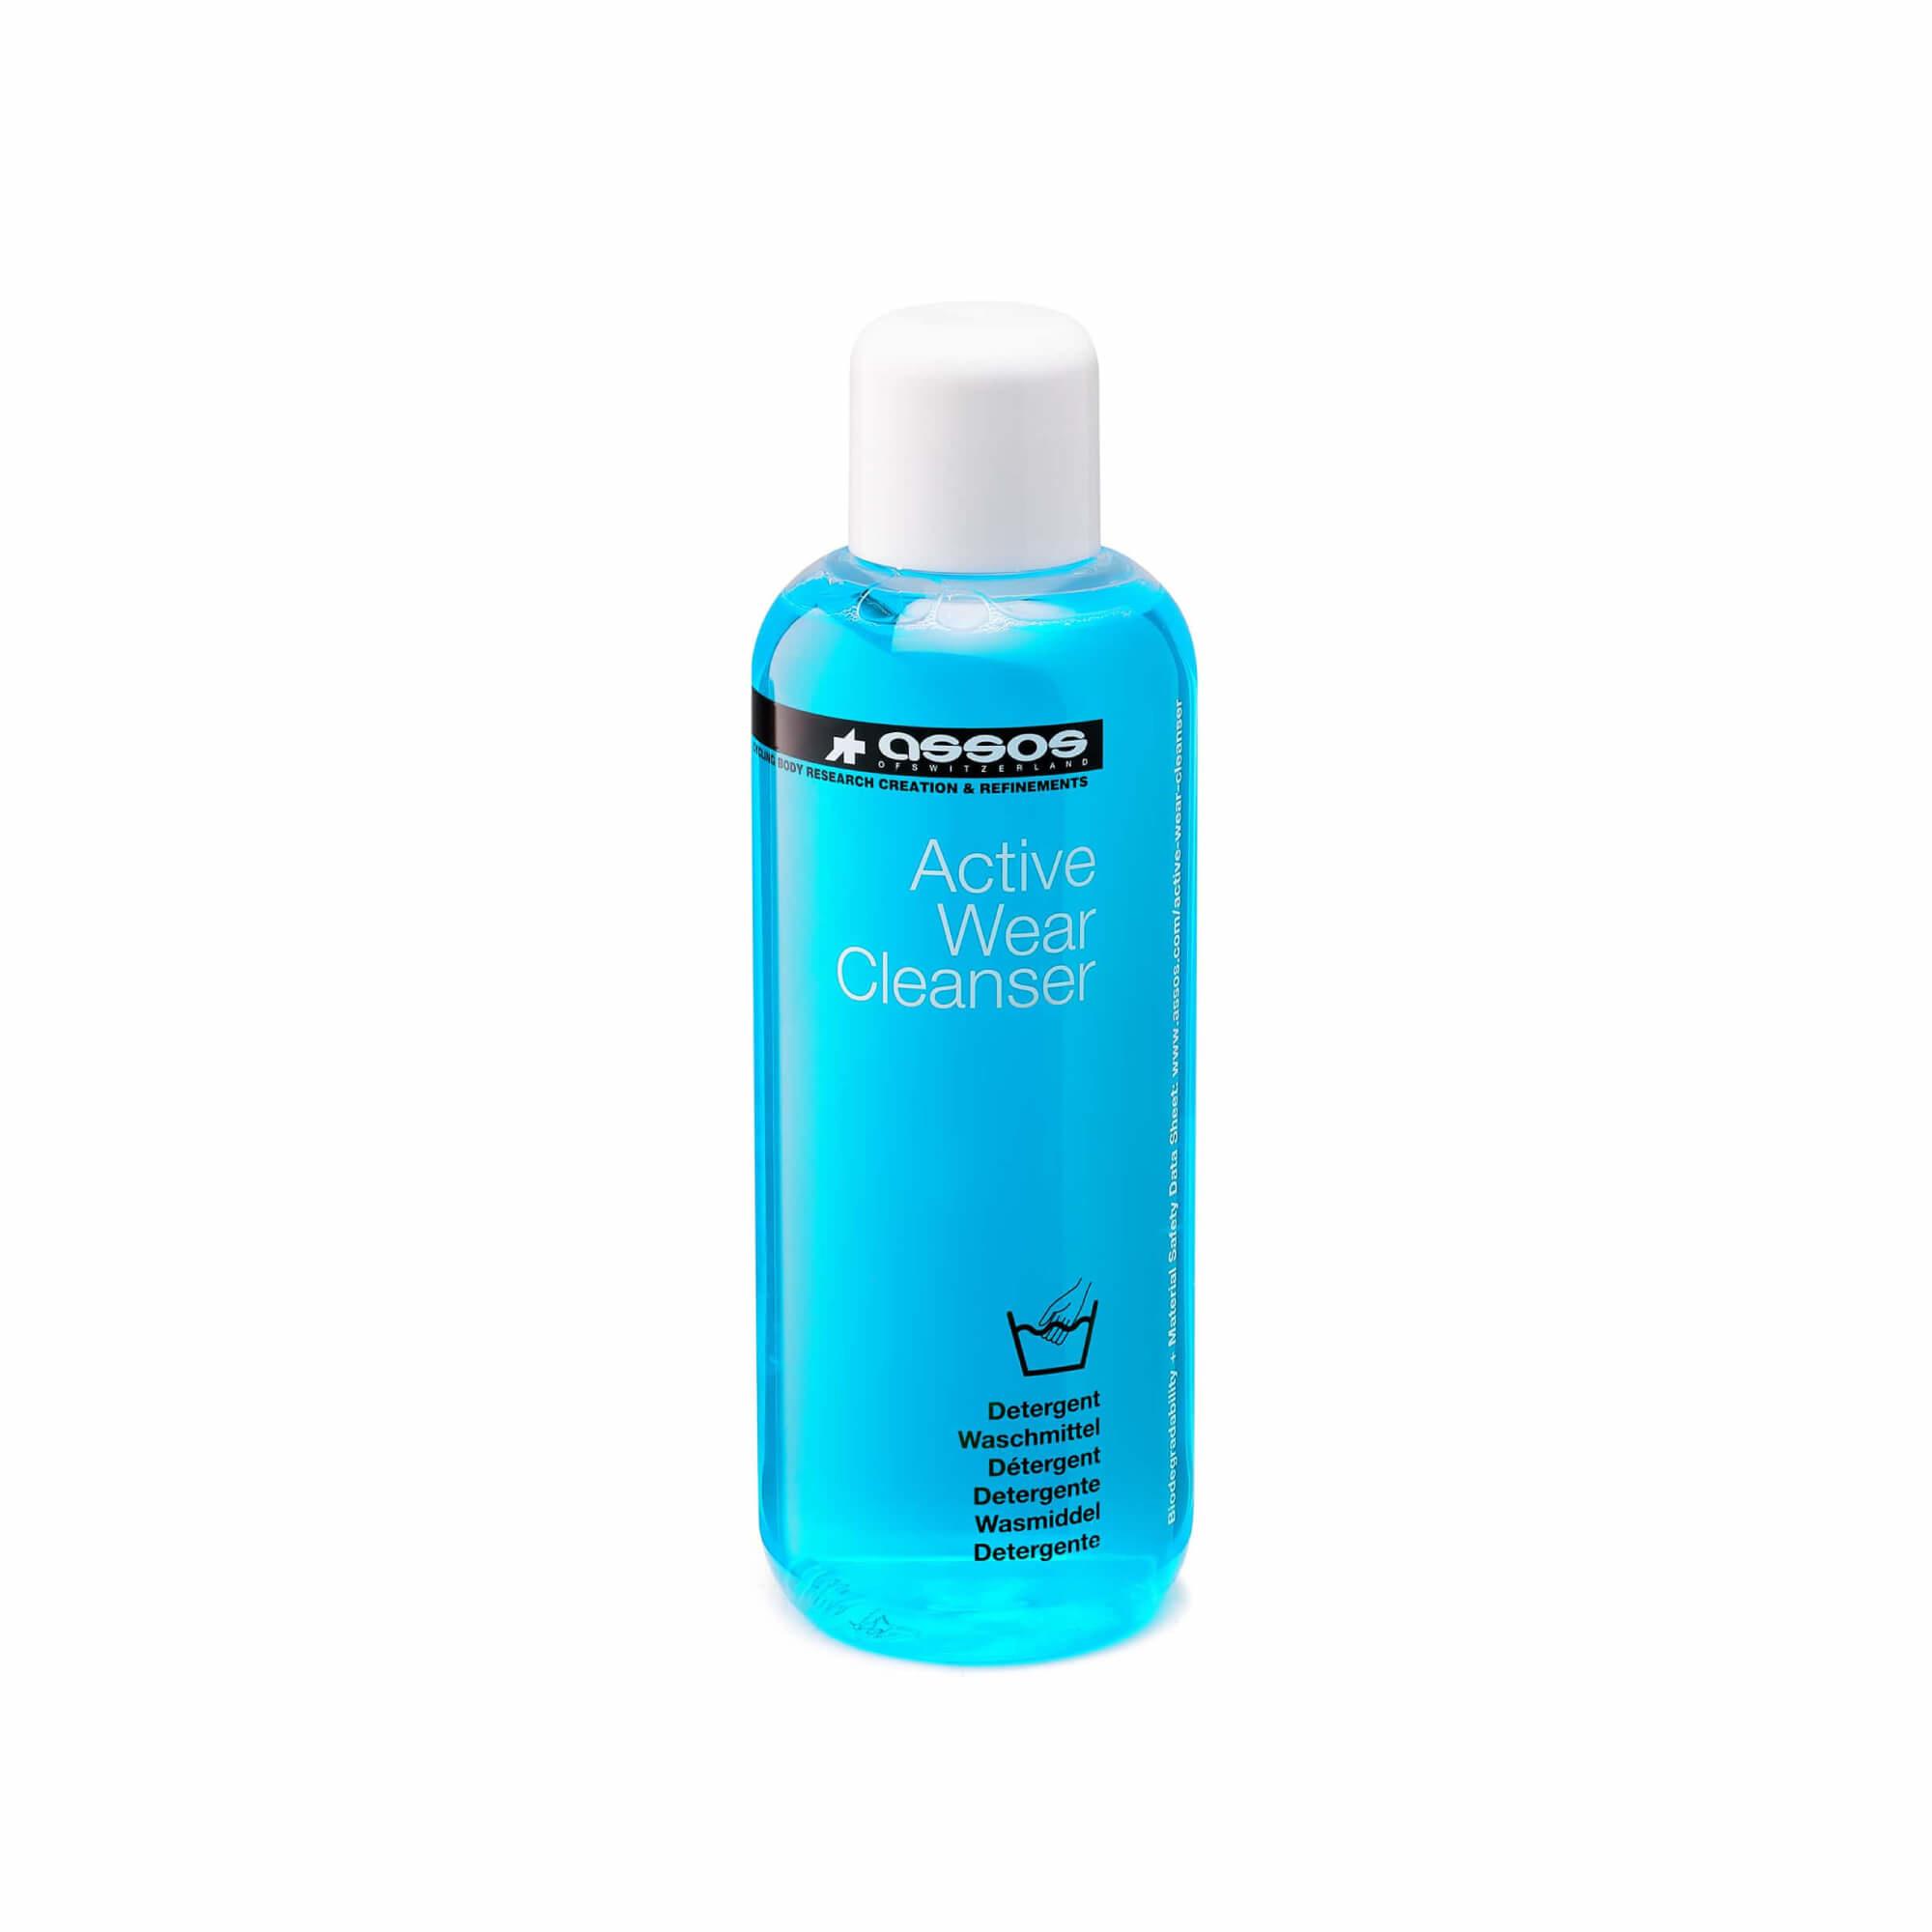 Active Wear Cleanser Single Unit 300 ml-1